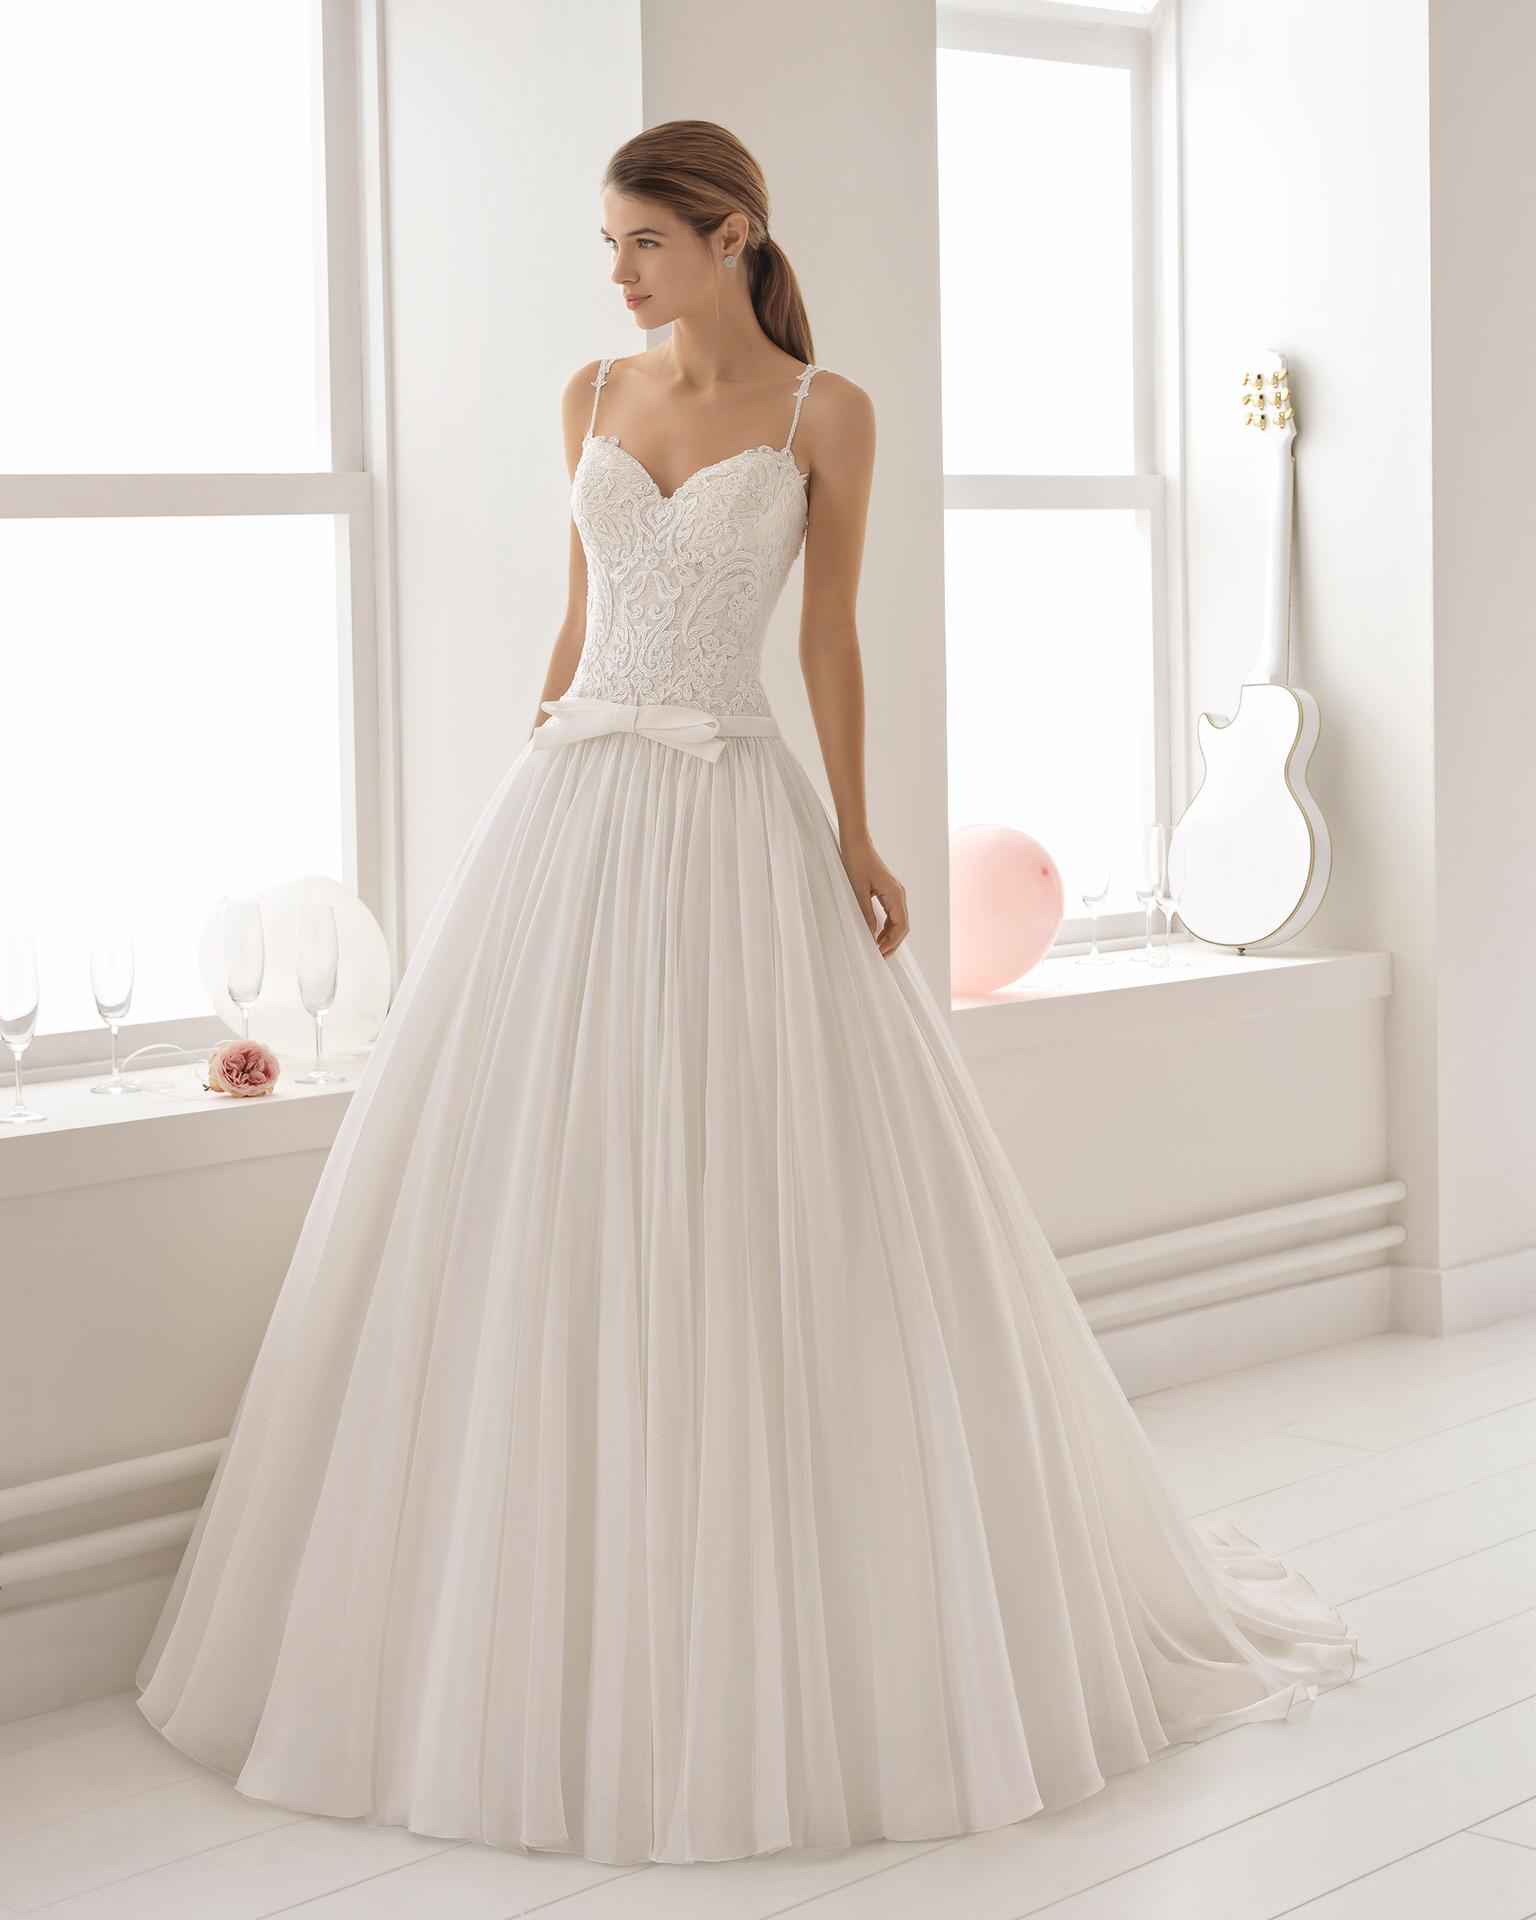 Romantisches Brautkleid aus Voile und Spitze mit Strassbesatz, Herzausschnitt, Rücken mit Tattoo-Effekt aus Spitze, Schleife an der Taille.